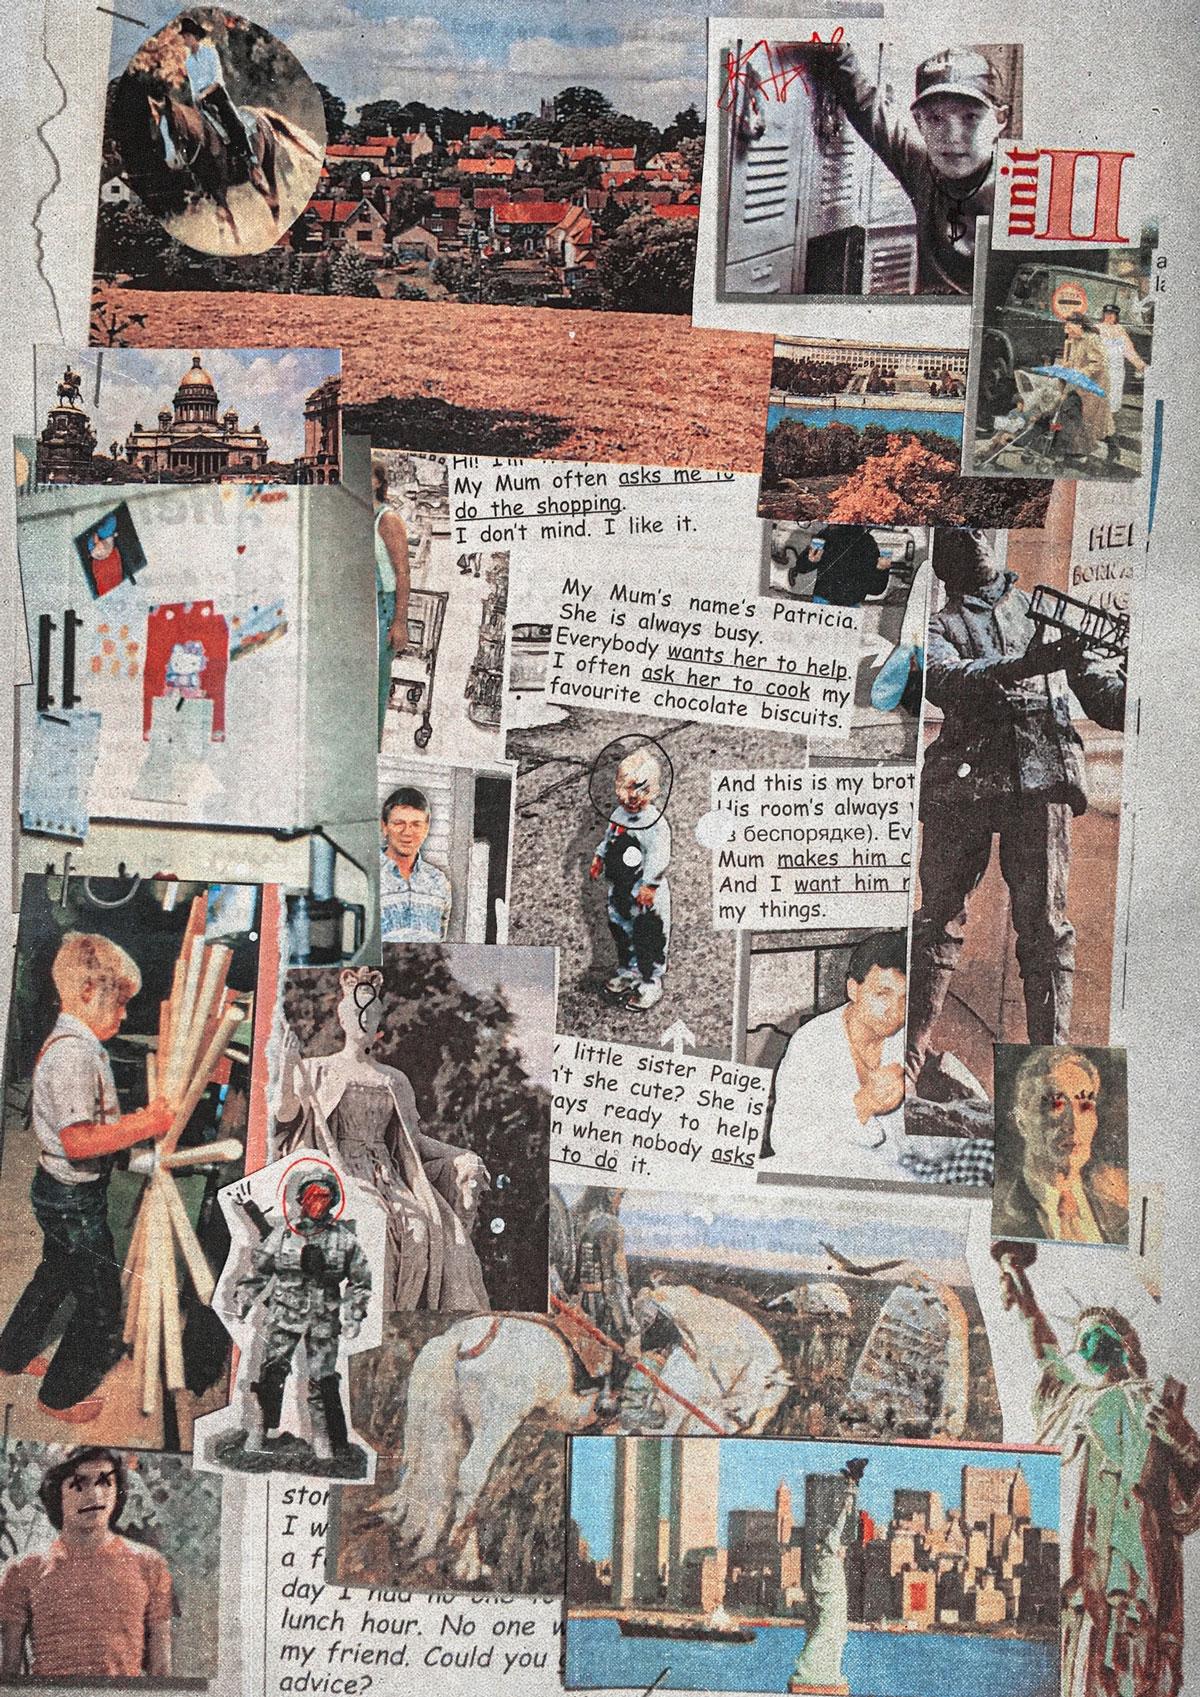 [淘宝购买] 25款复古美式彩色书籍剪切相片照片PNG图片素材 Me And My Neighbourhood插图(2)